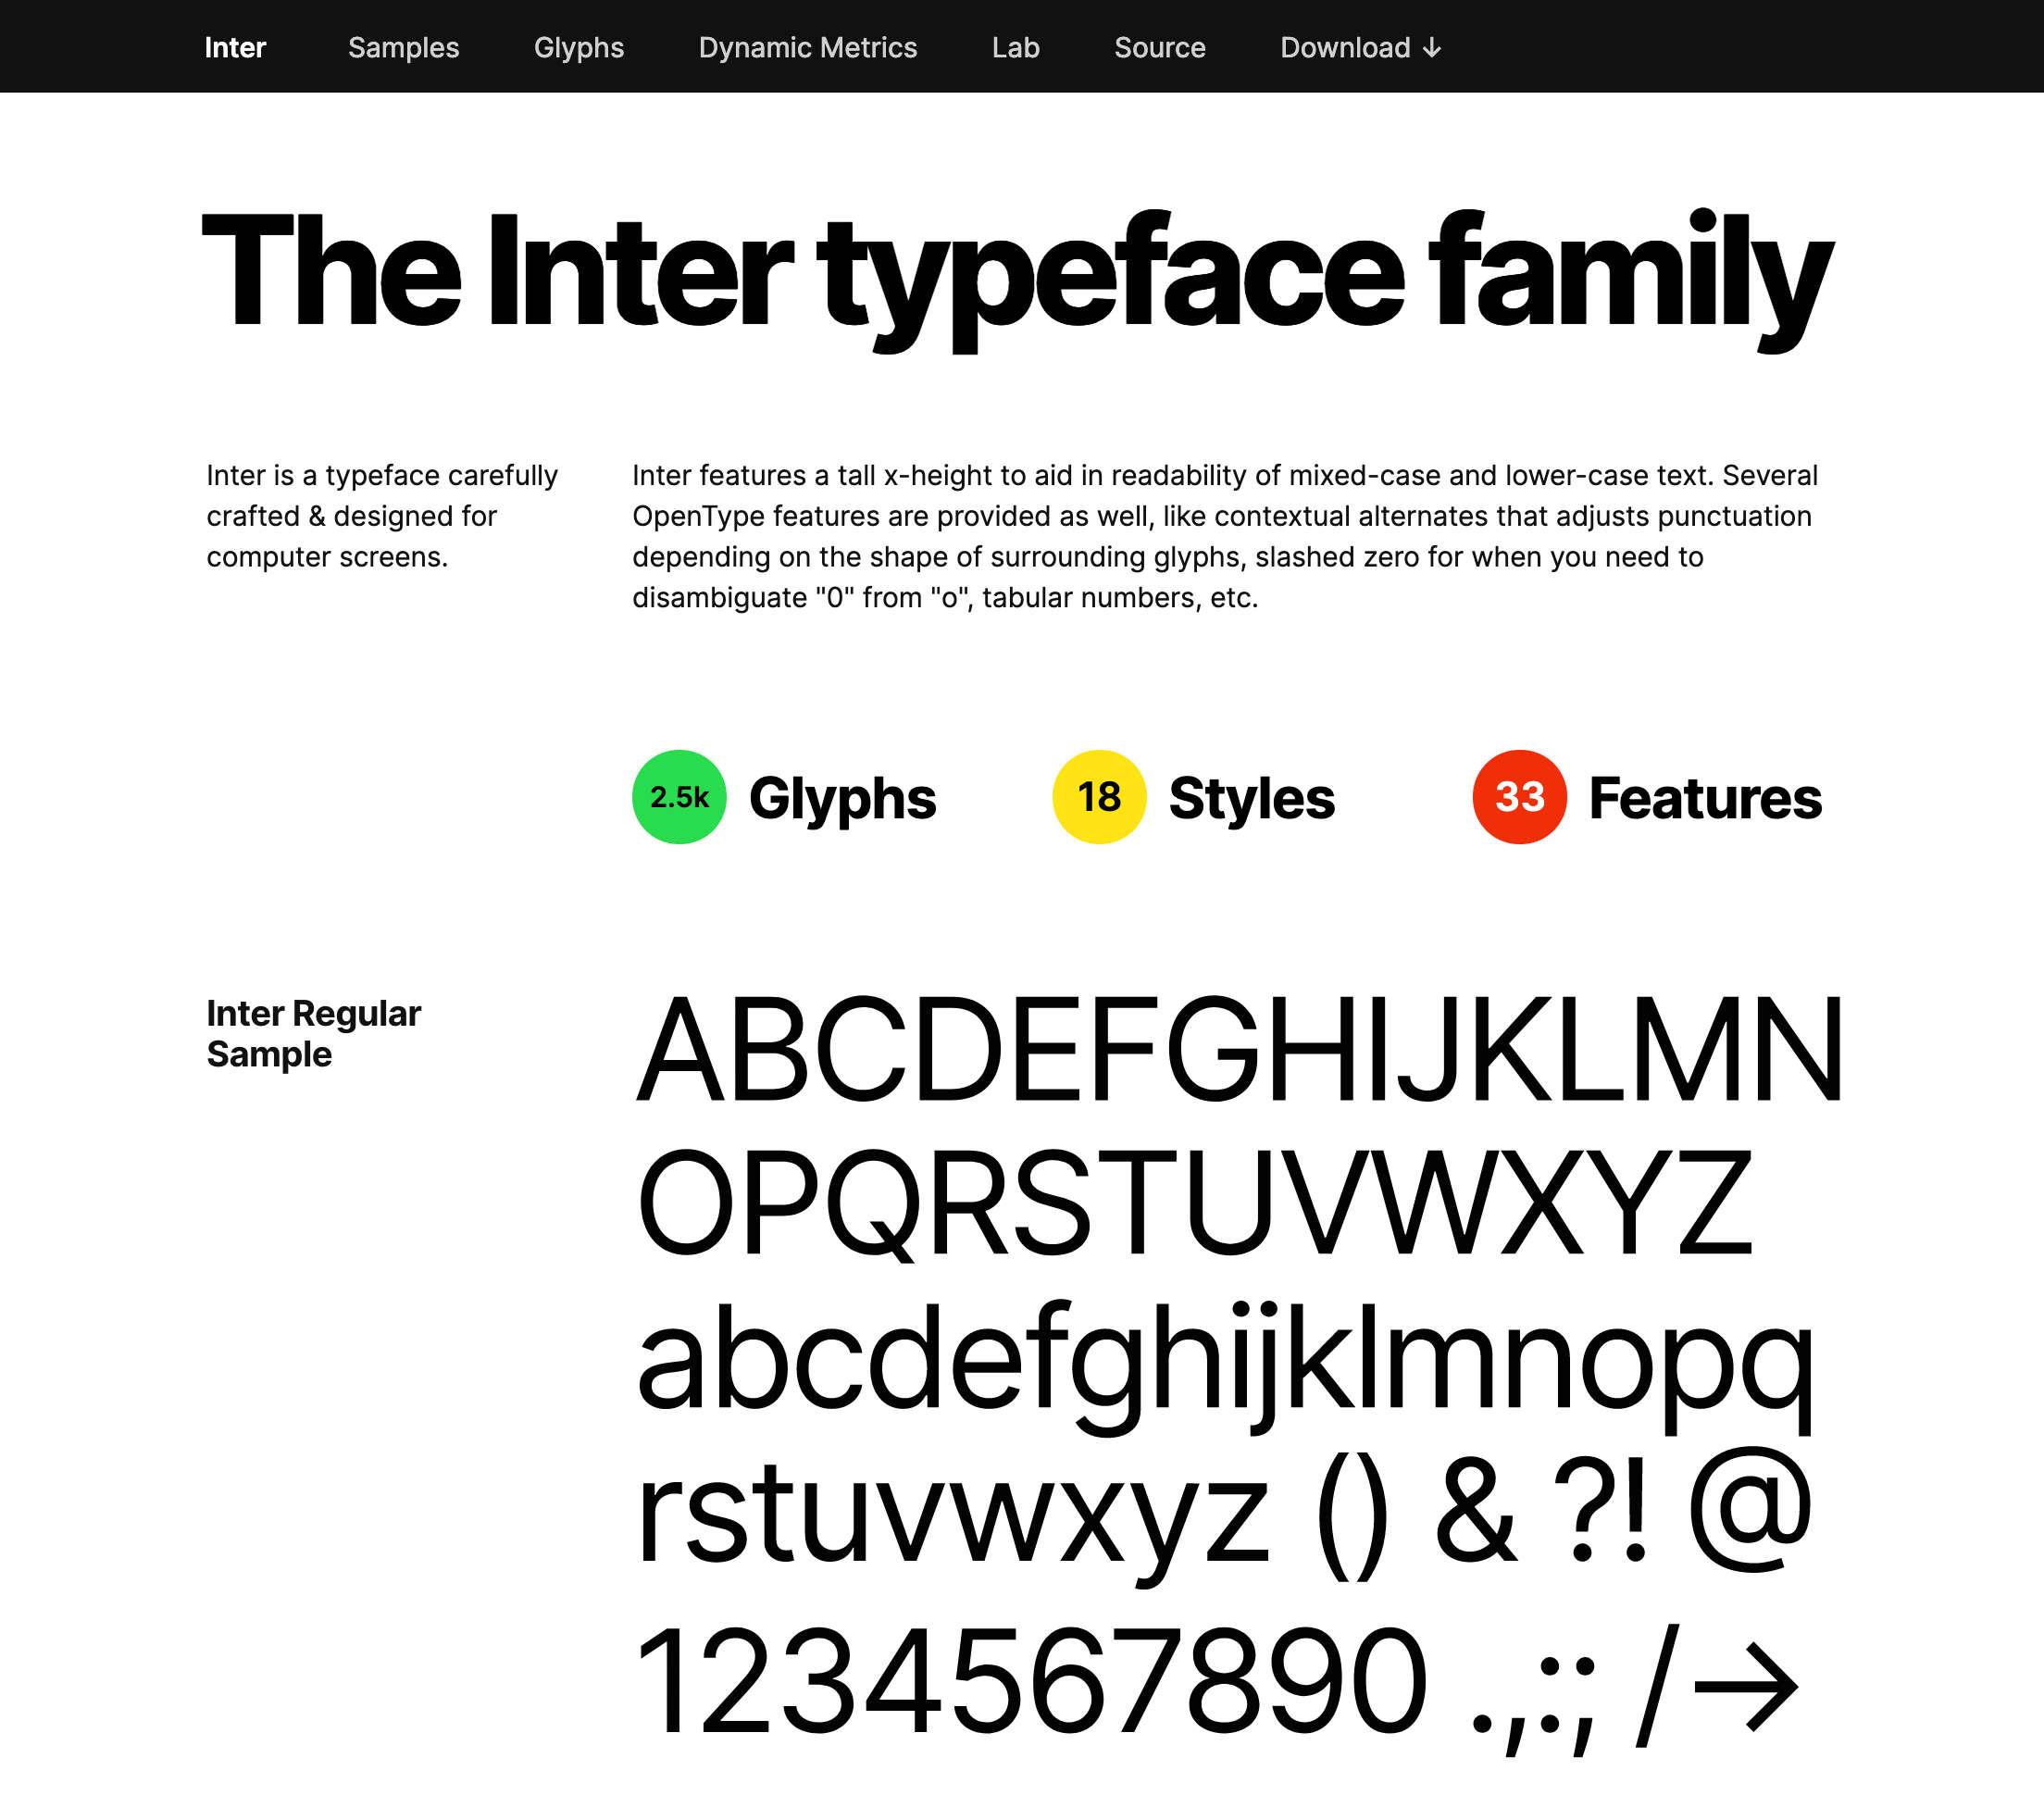 La famille de caractères Inter